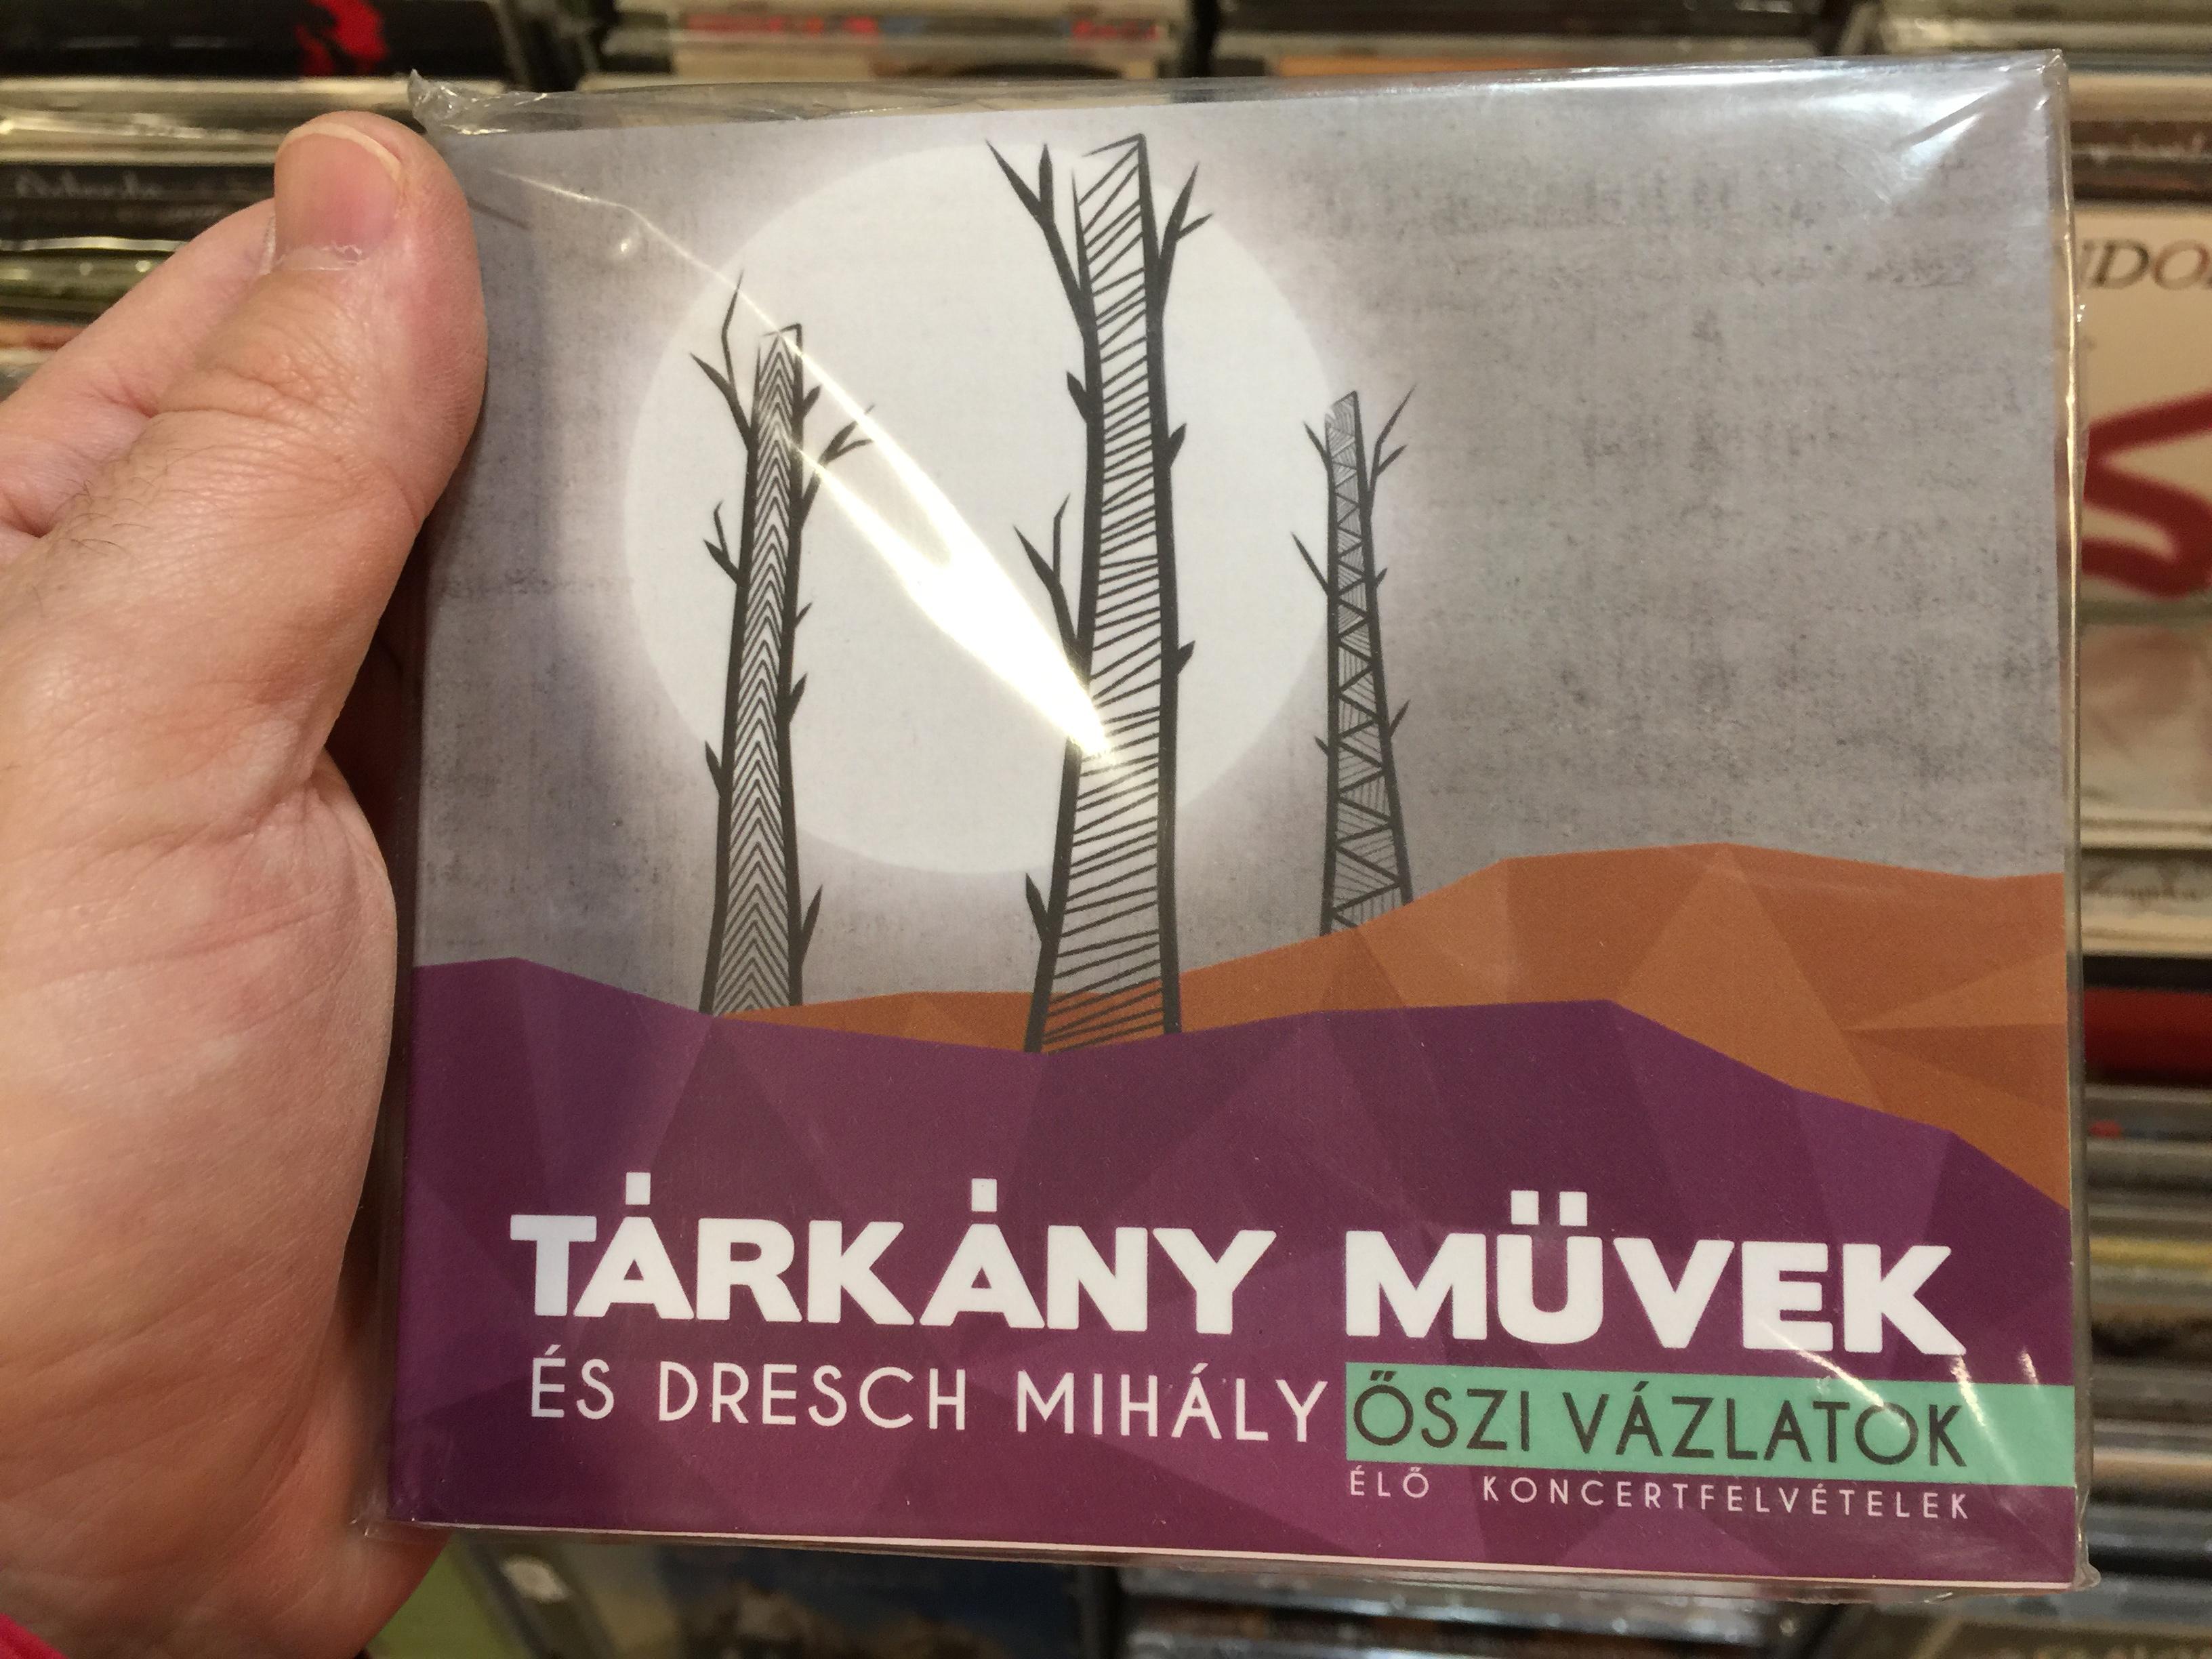 t-rk-ny-m-vek-s-dresch-mih-ly-szi-v-zlatok-l-koncertfelv-telek-not-on-label-t-rk-ny-m-vek-self-released-audio-cd-2013-tm-2014-1-.jpg